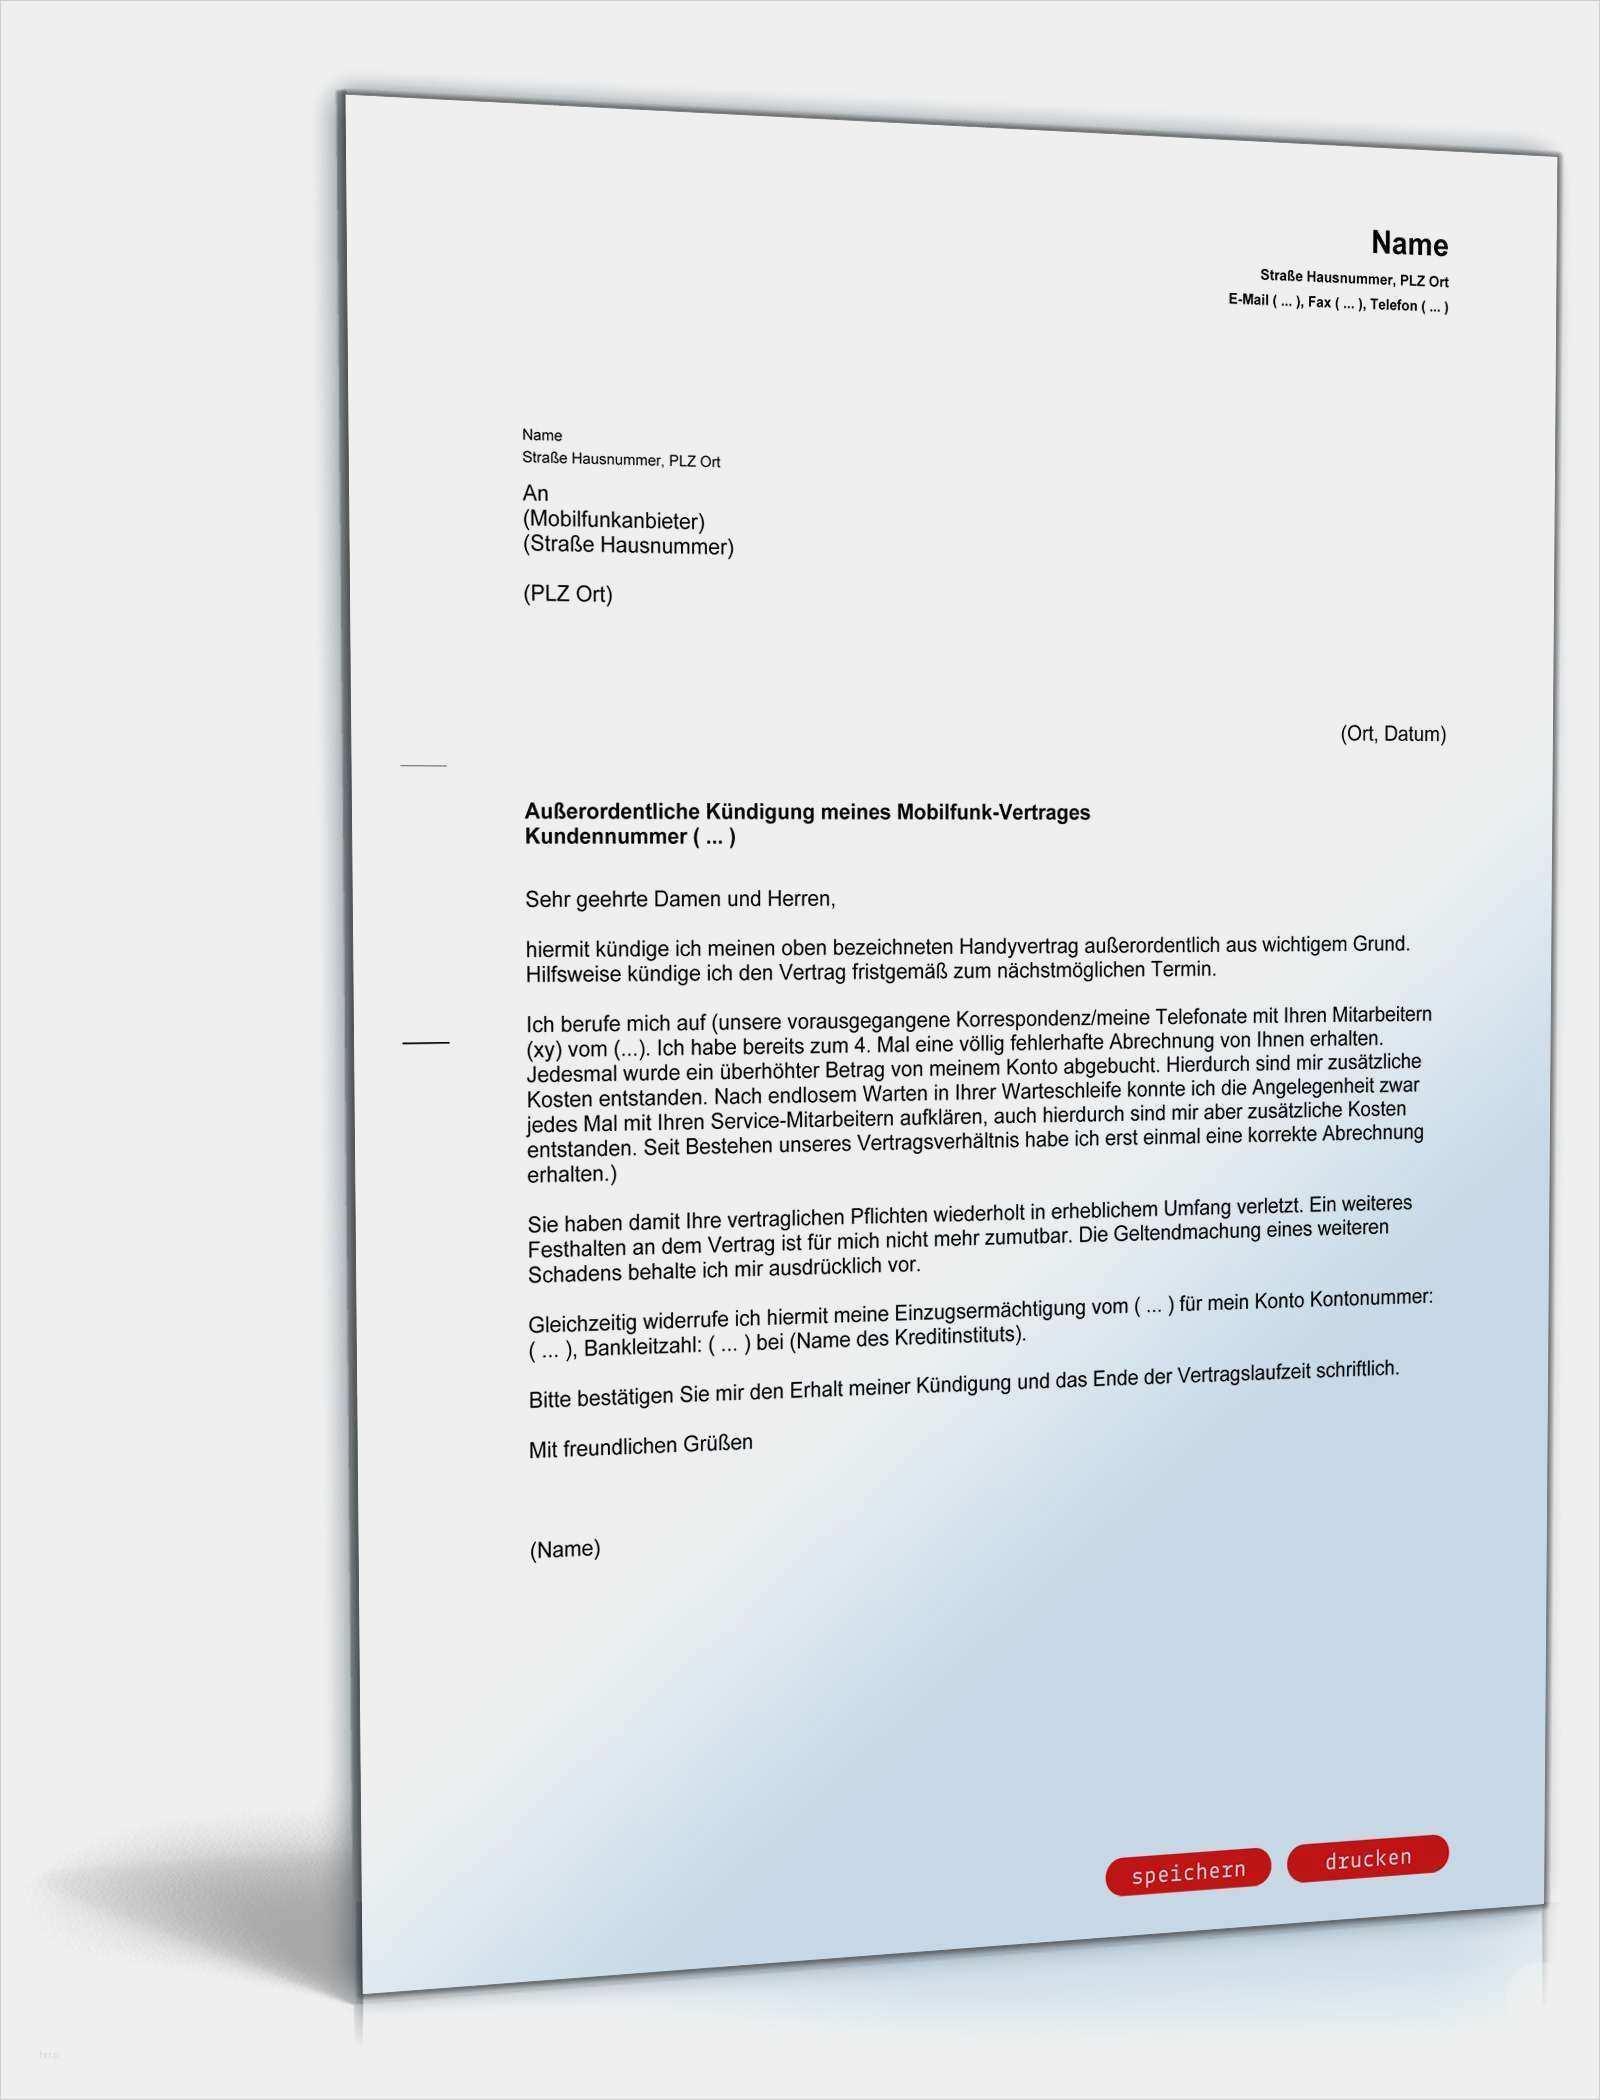 17 Erstaunlich Handyvertrag Kundigen Mit Rufnummernmitnahme Vorlage Ideen Vorlagen Vorlagen Word Lebenslauf Vorlagen Word